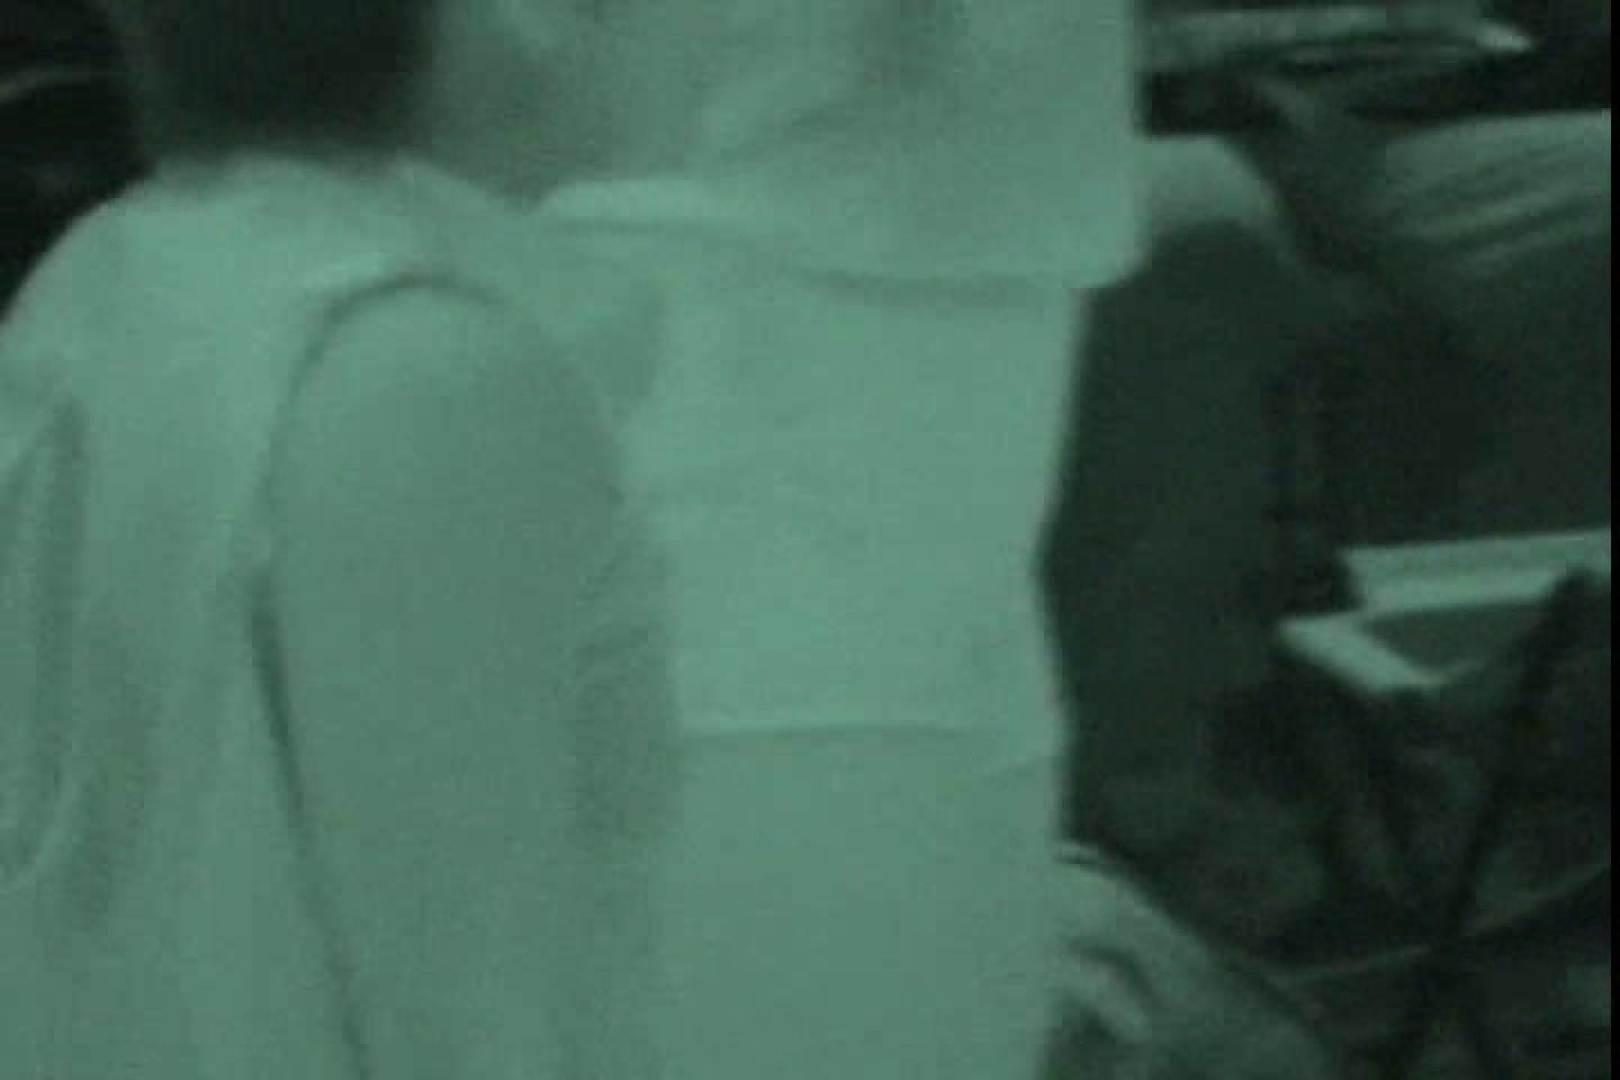 赤外線ムレスケバレー(汗) vol.04 OLのエロ生活 性交動画流出 99連発 8